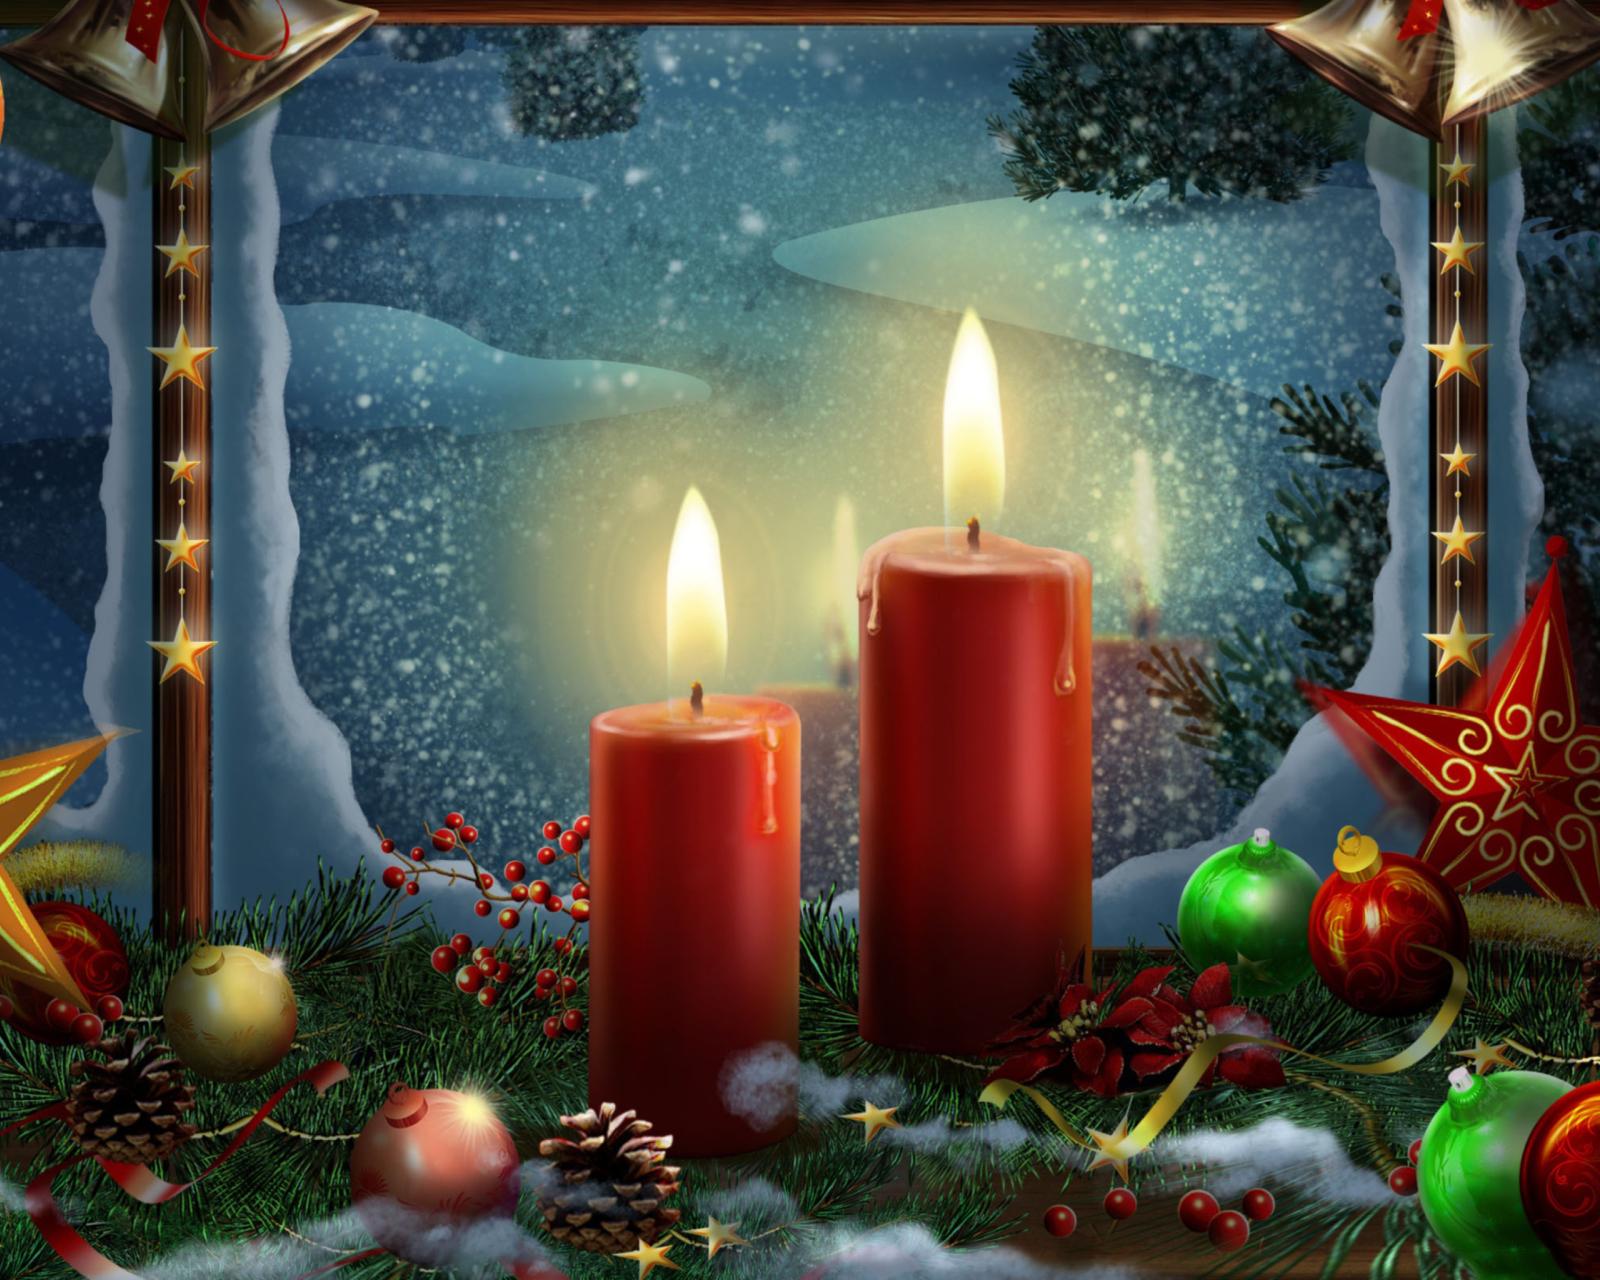 Открытки с рождеством христовым на телефон 2019